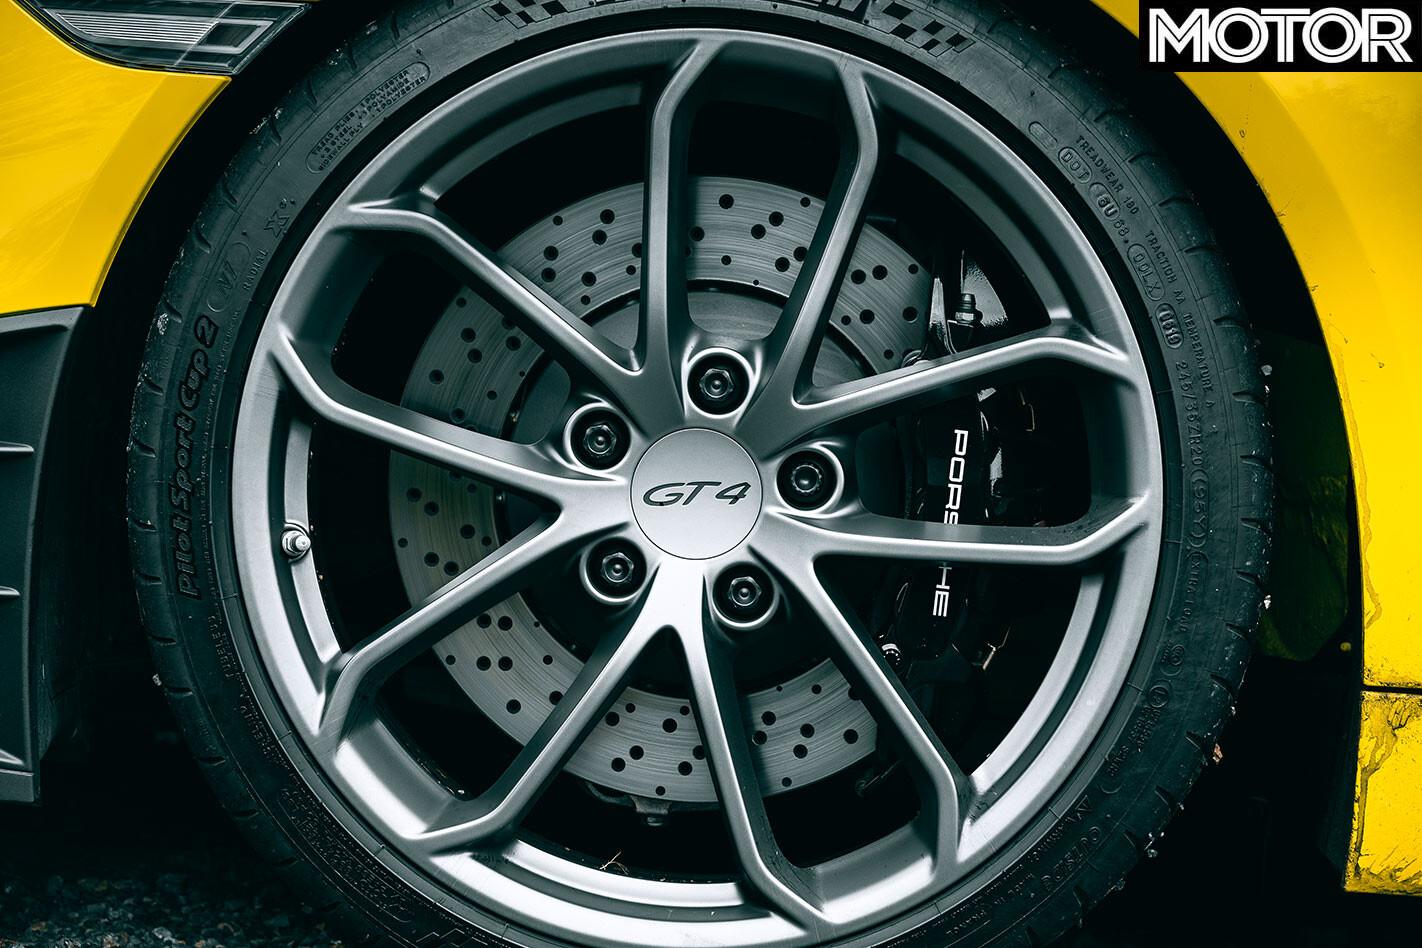 2020 Porsche Cayman GT4 wheel